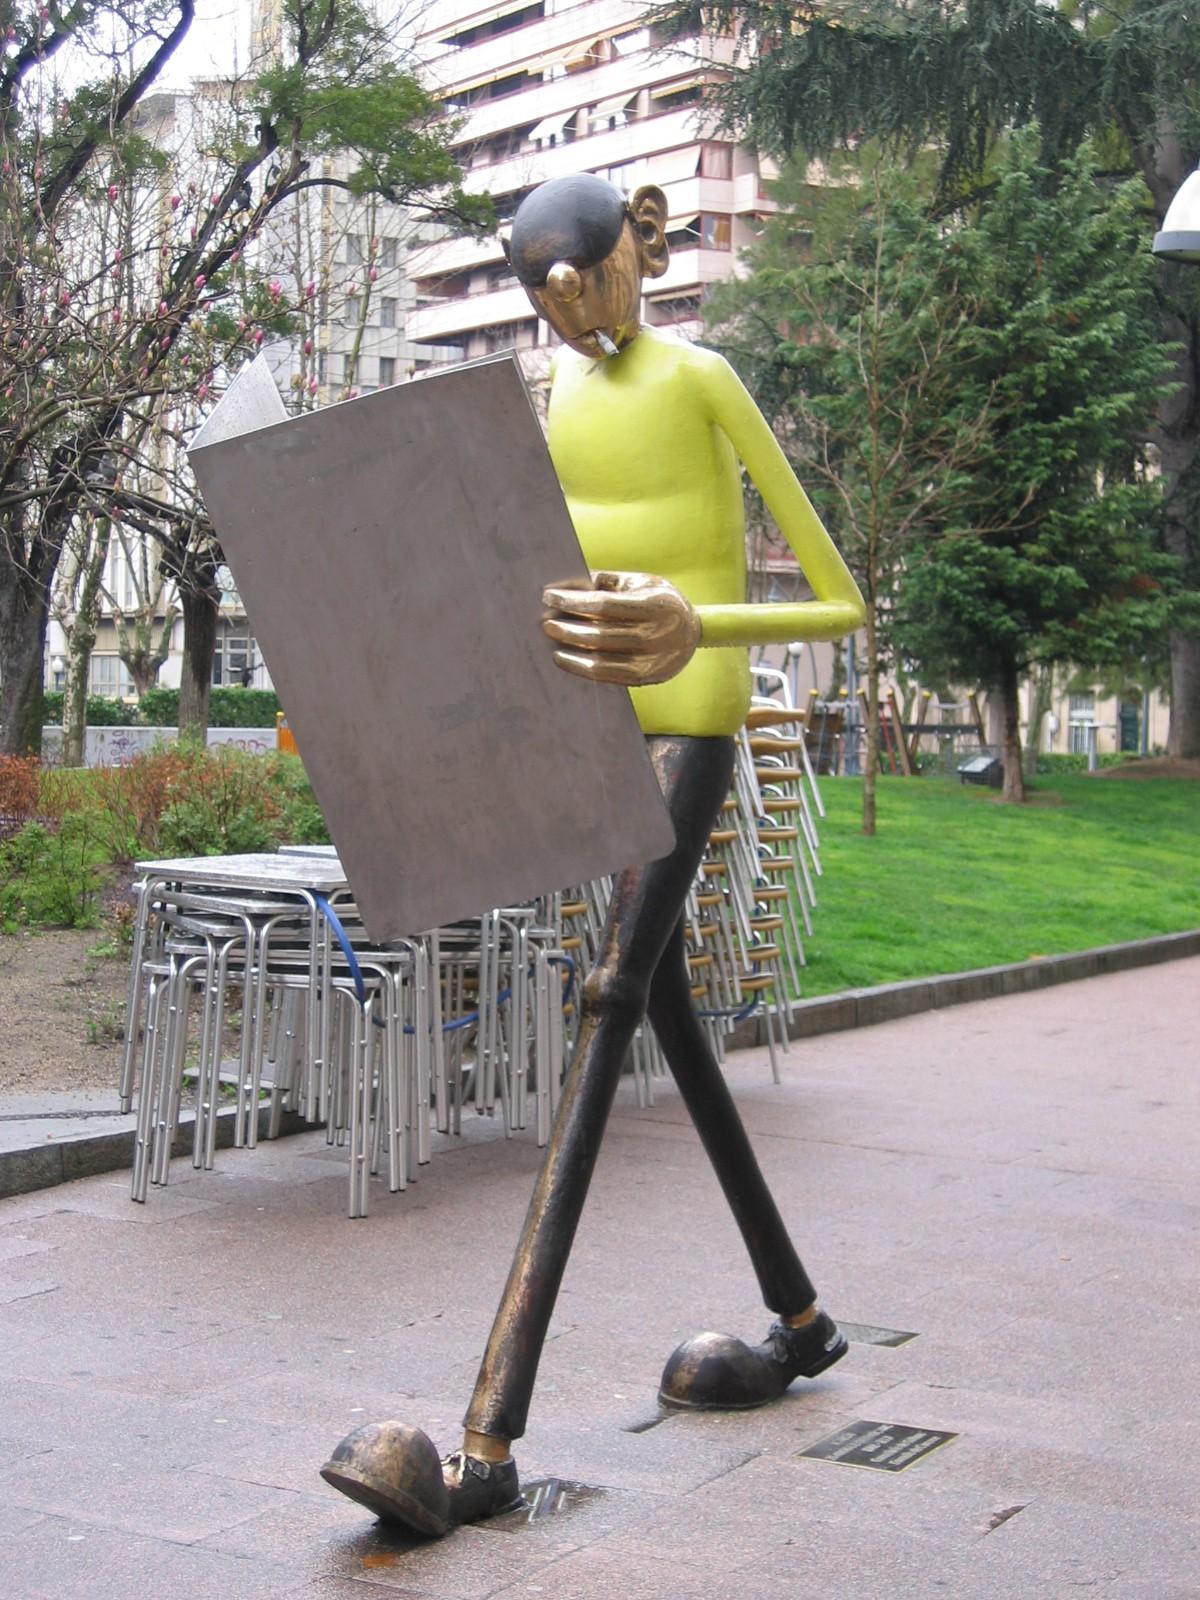 EL MUNDO, LA MÁXIMA EXPRESIÓN DEL PERIODISMO BASURA - Página 2 Ourense_Carrabouxo_1-2